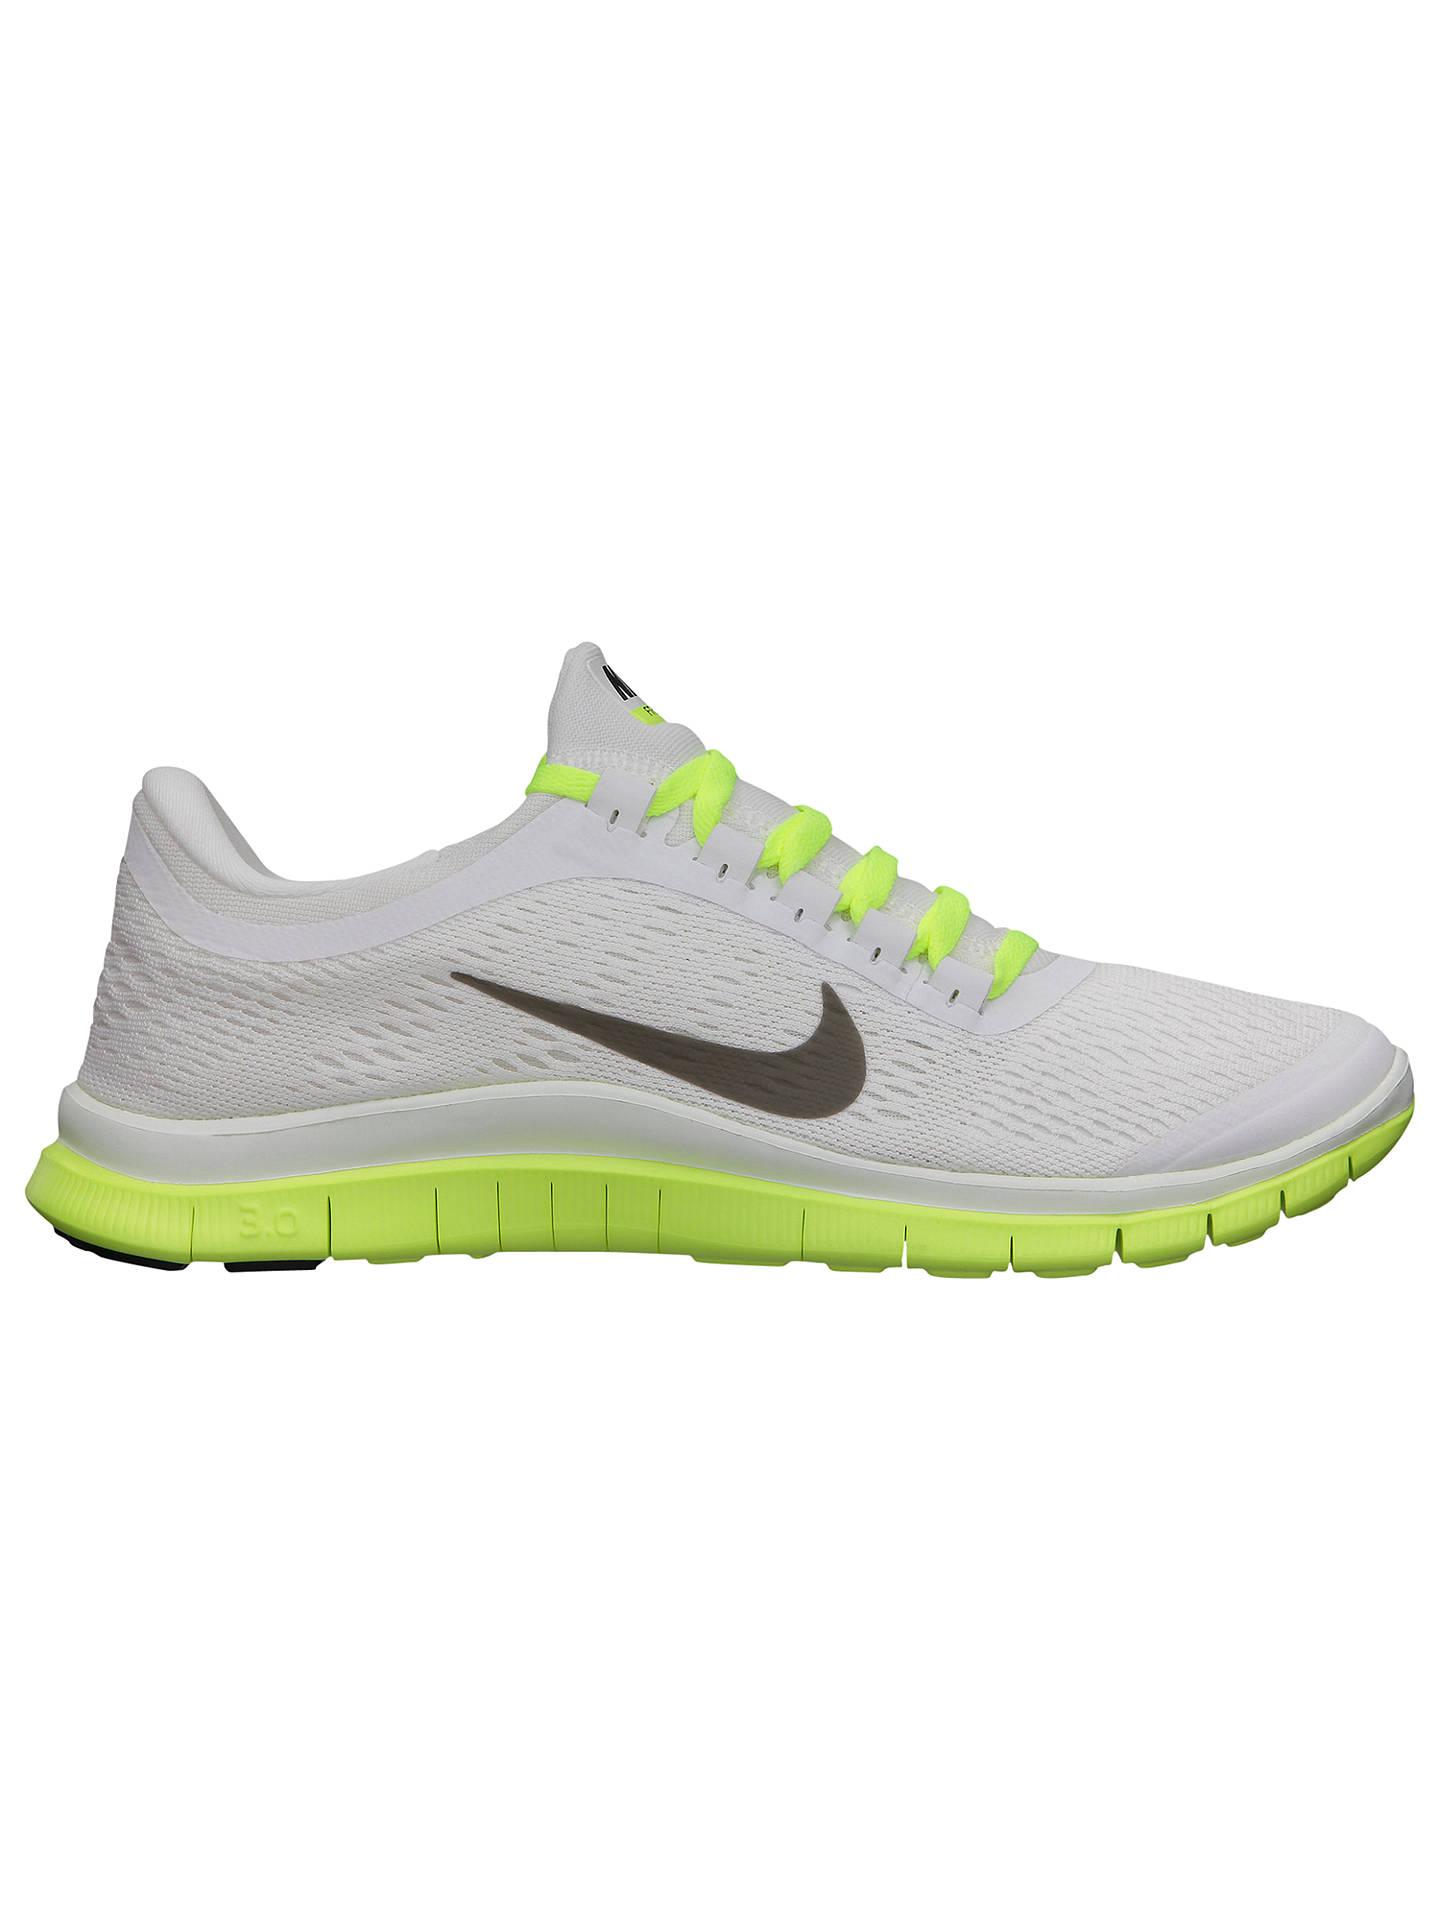 e4a4e4a2d539d Buy Nike Women s Free 3.0 Running Shoes